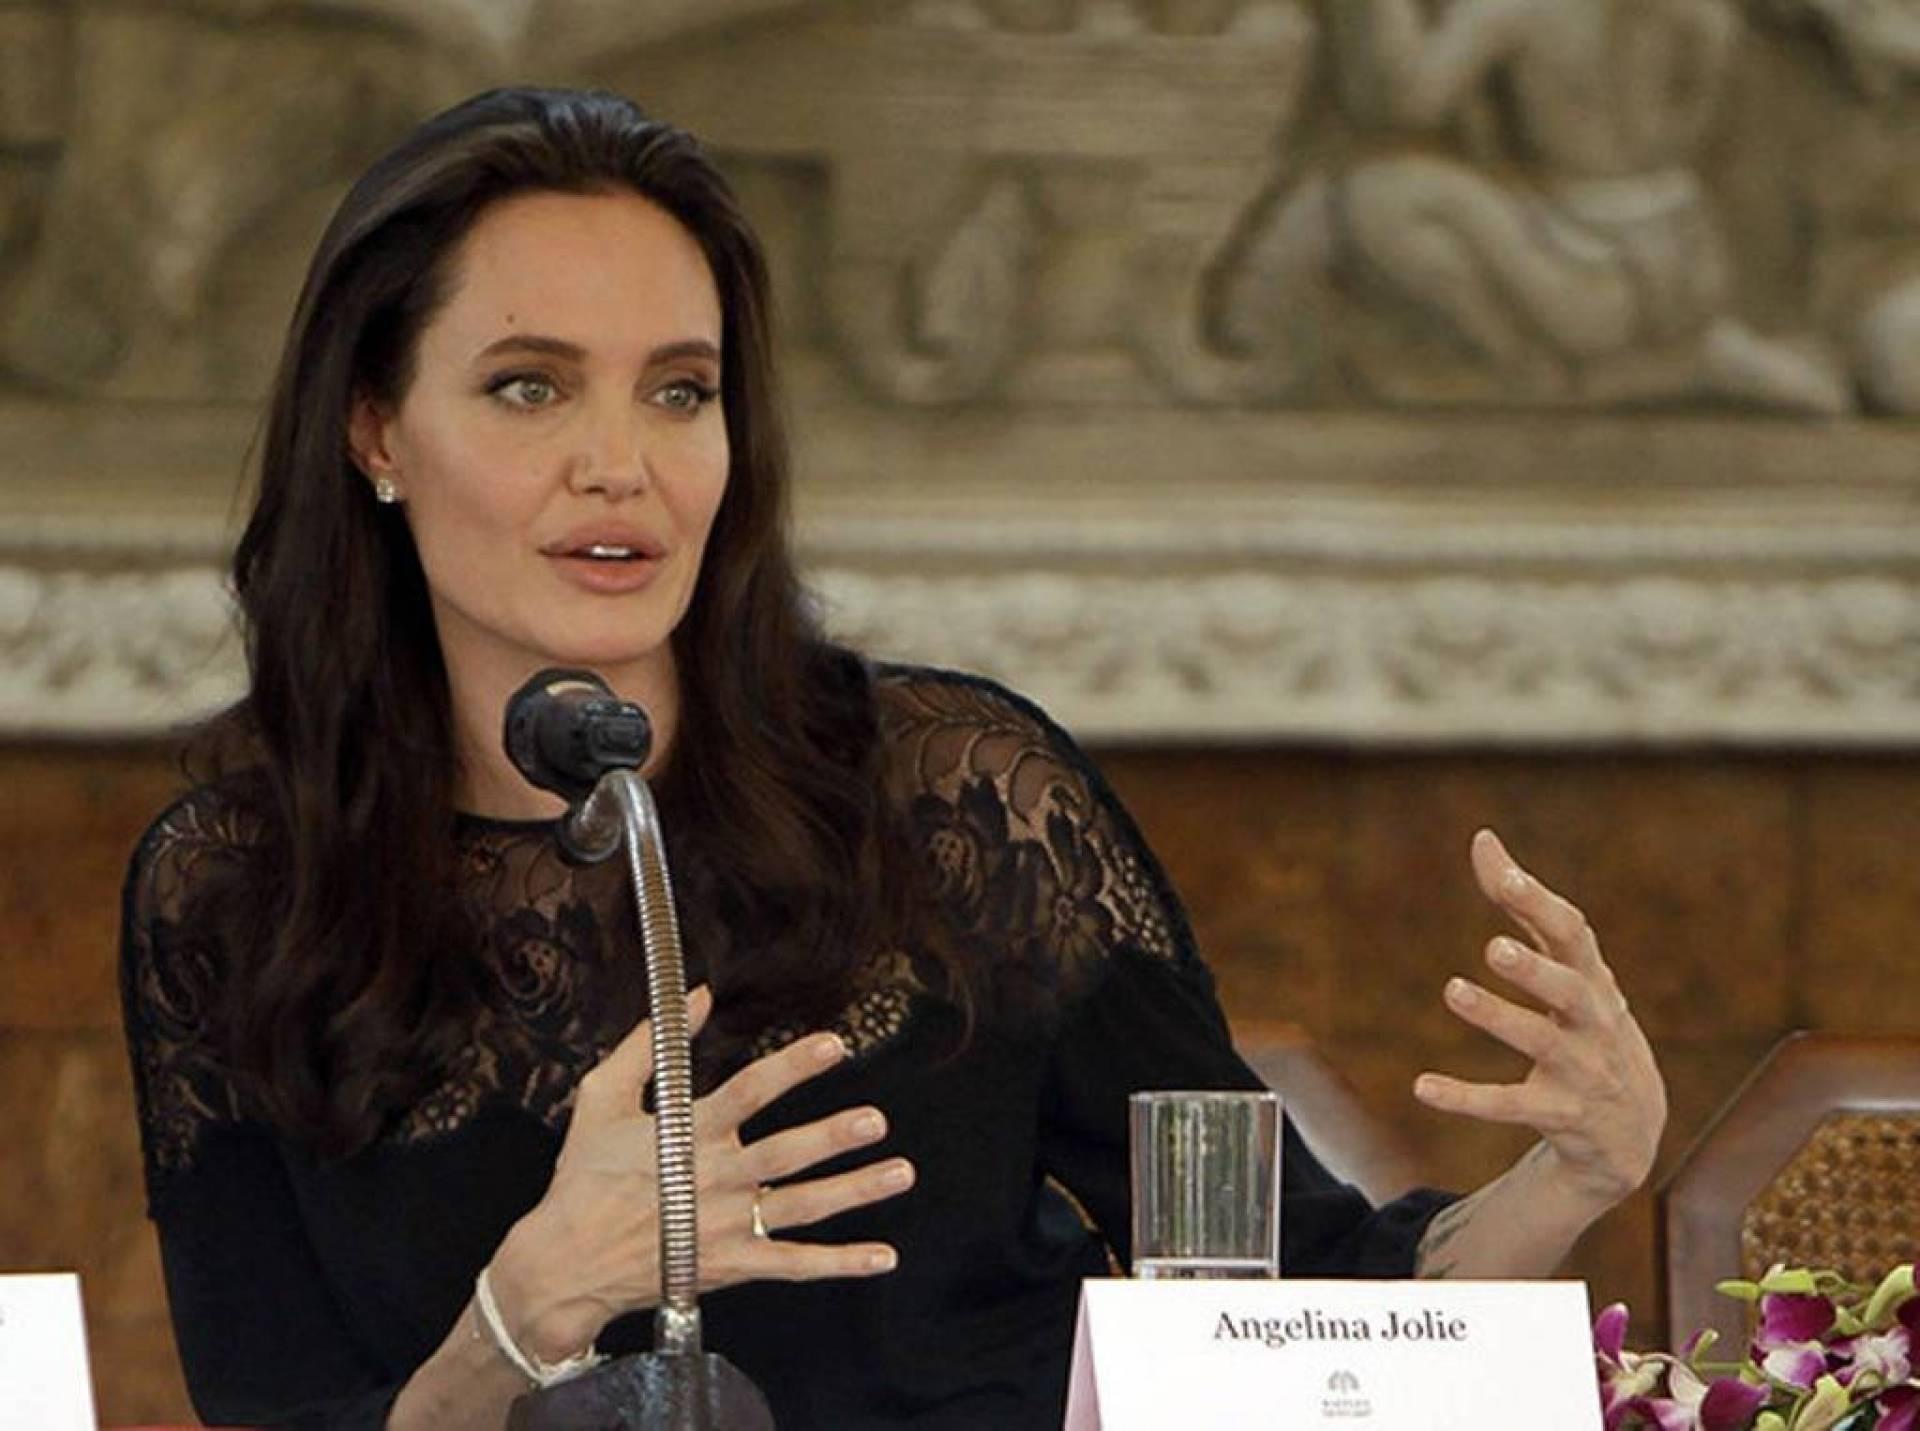 انجلينا جولي تكشف تعرضها للتحرش